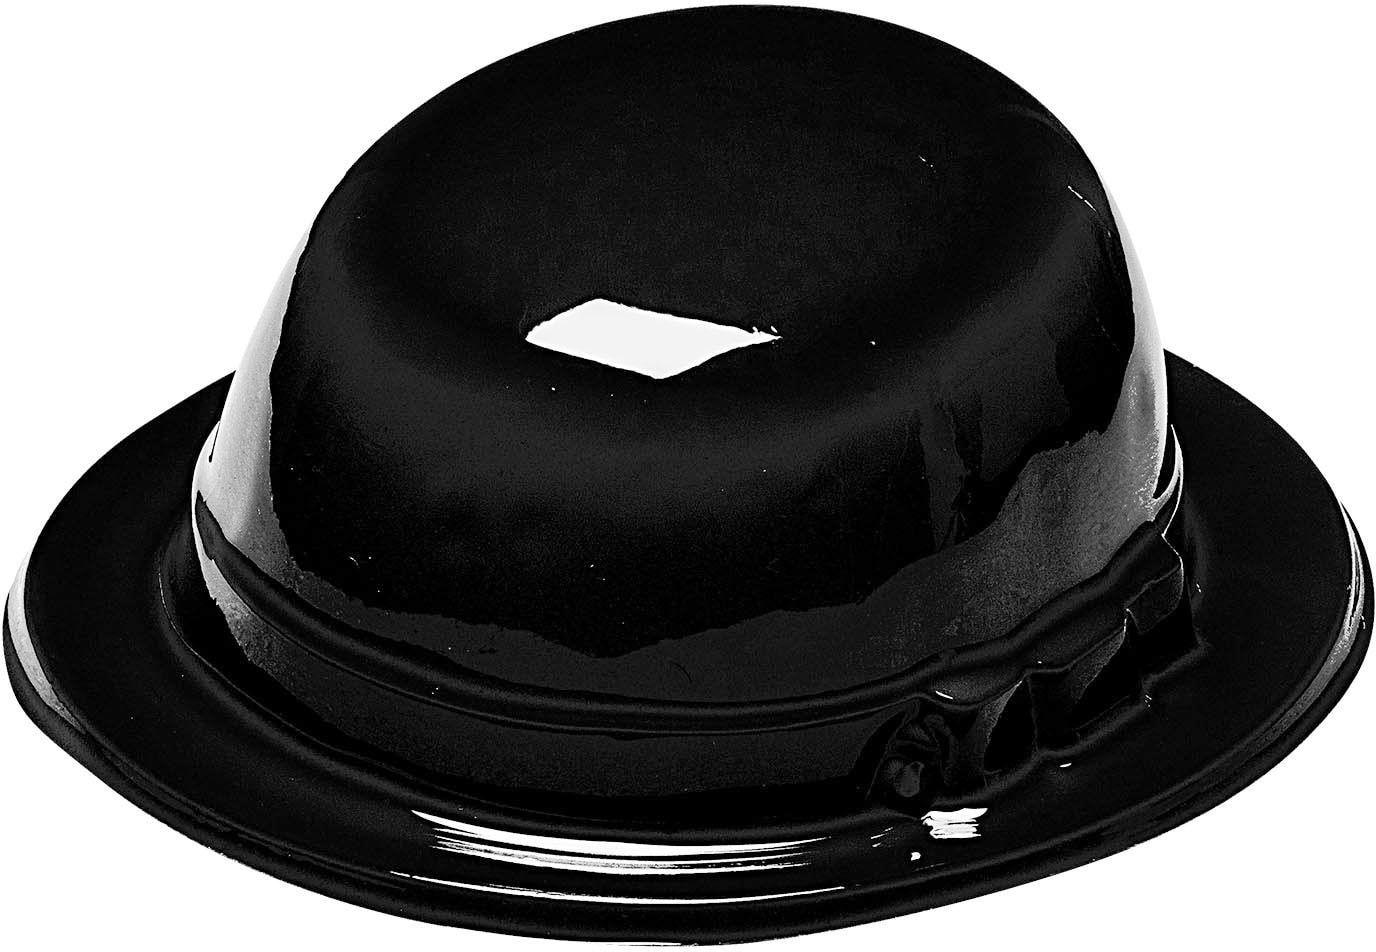 Zwarte plastic bolhoed